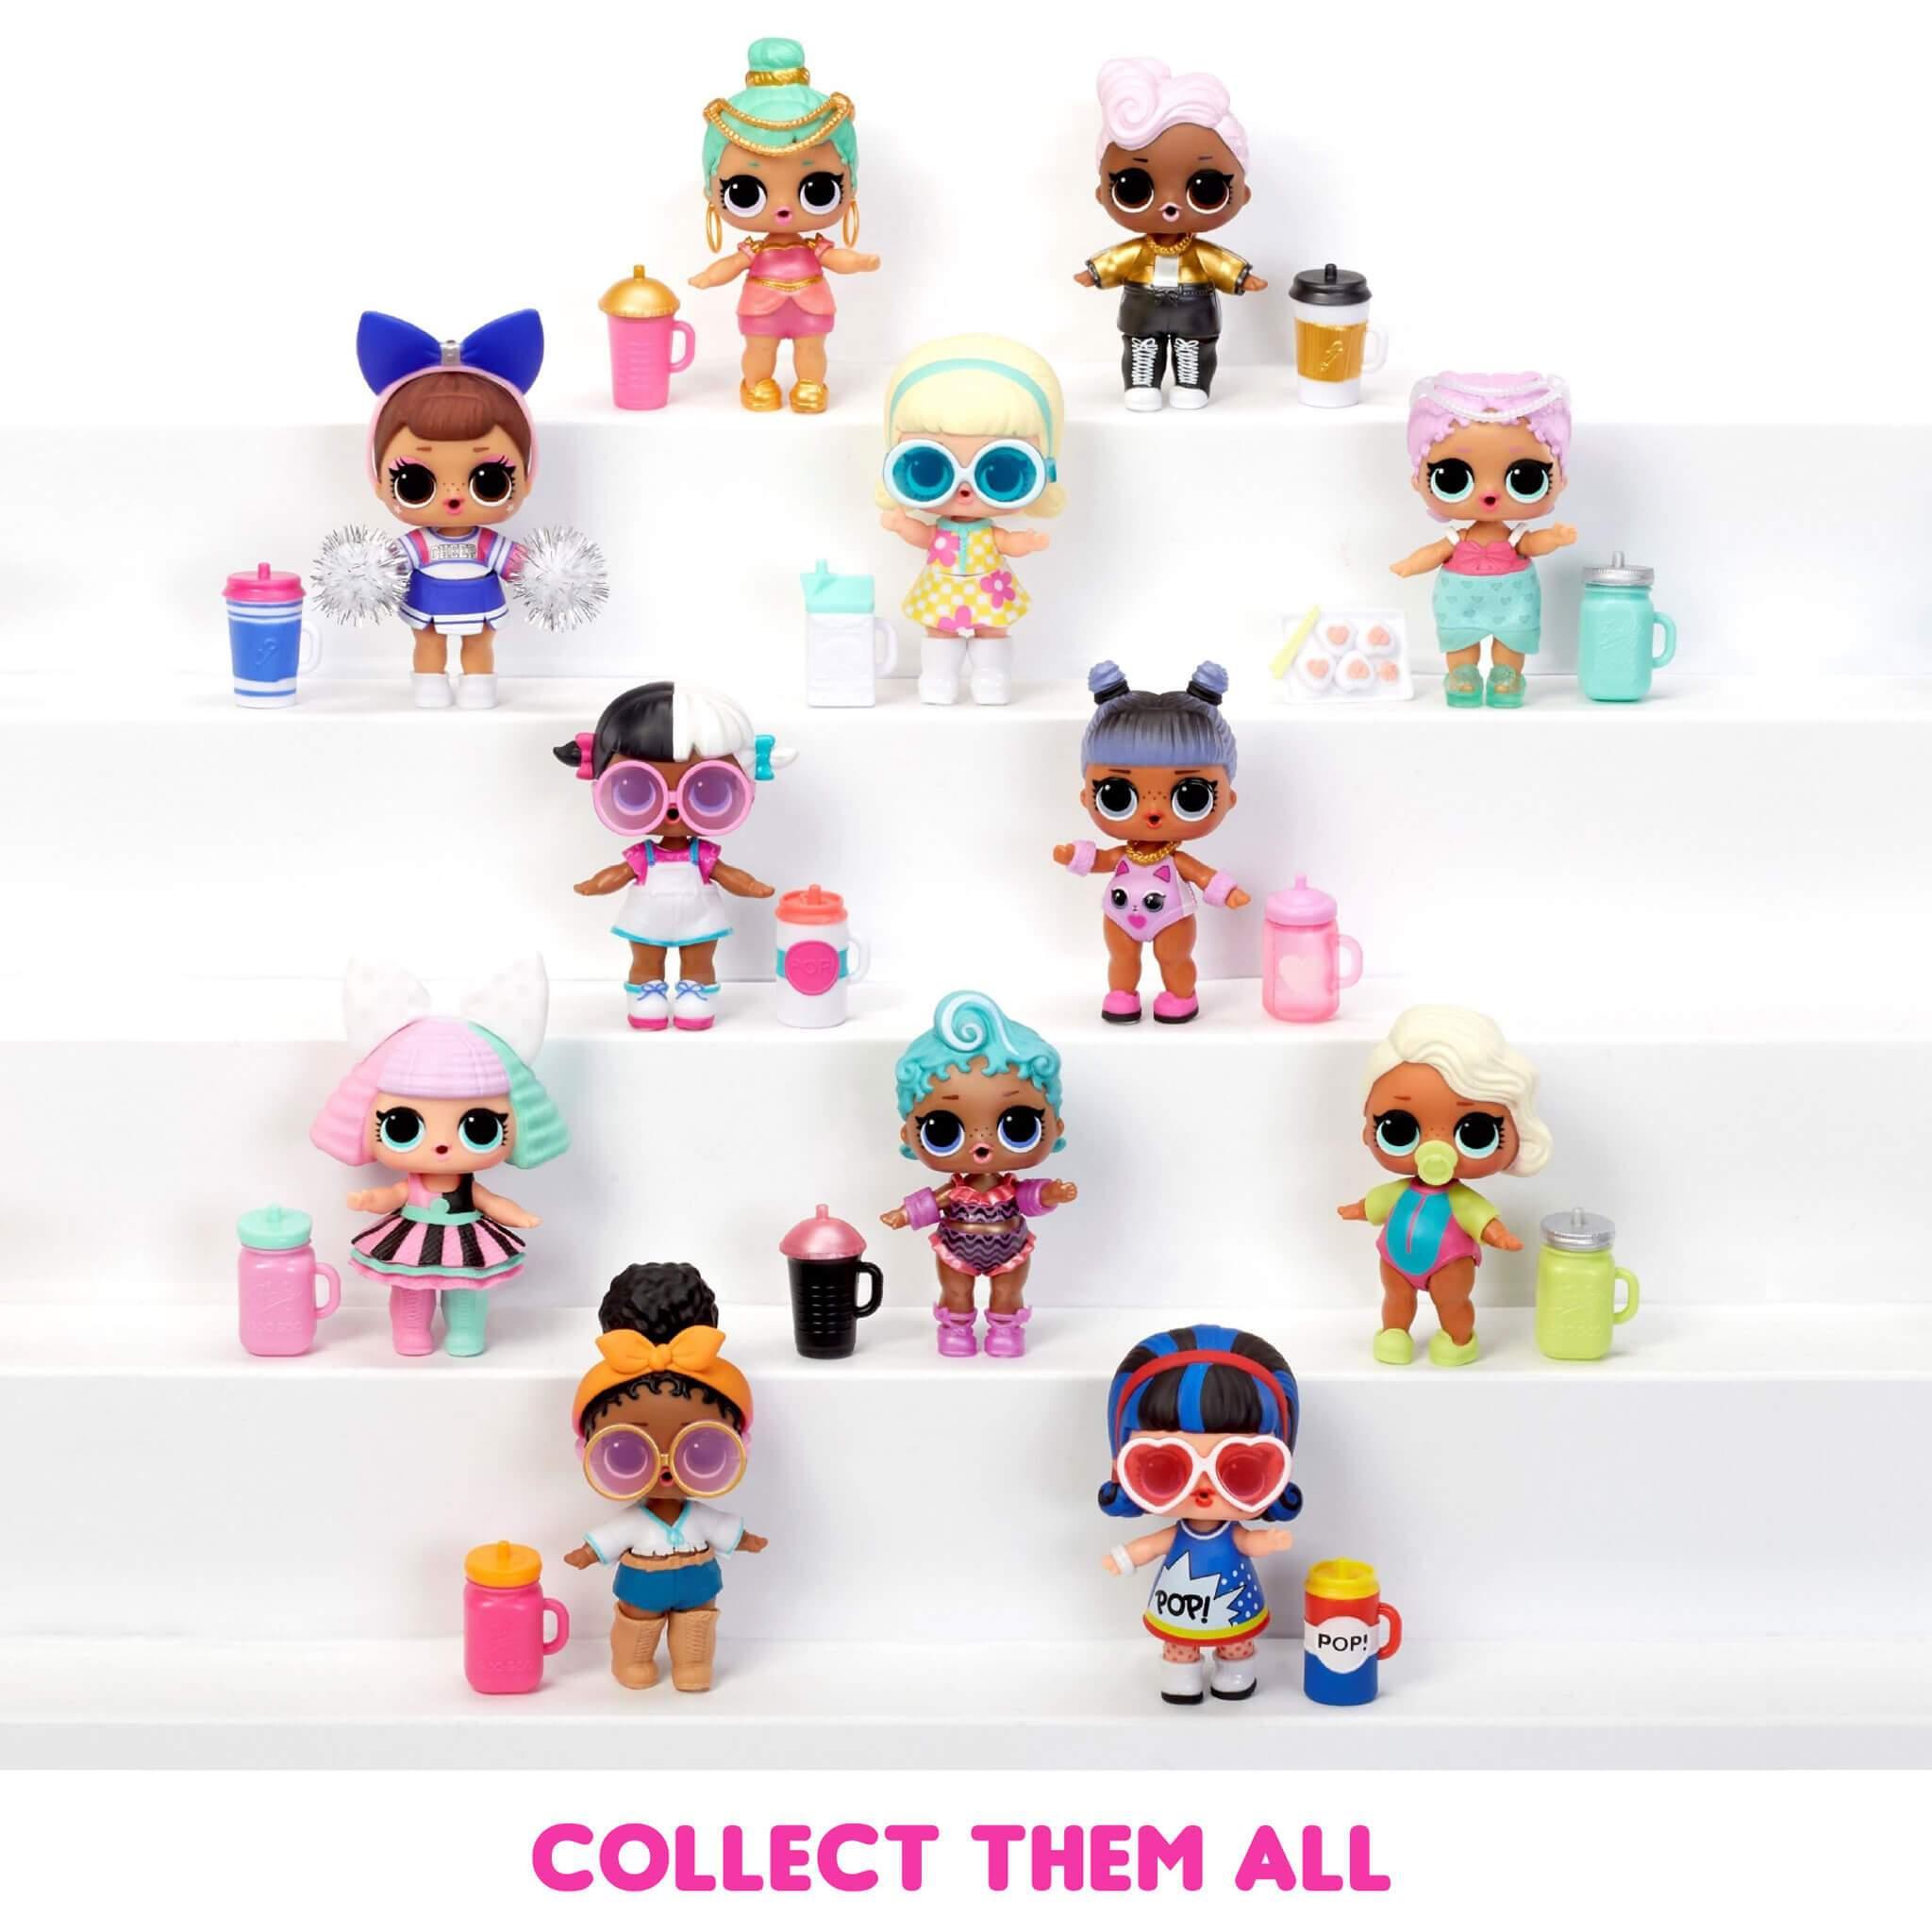 576341-Color-Change-Dolls5_1024x1024@2x